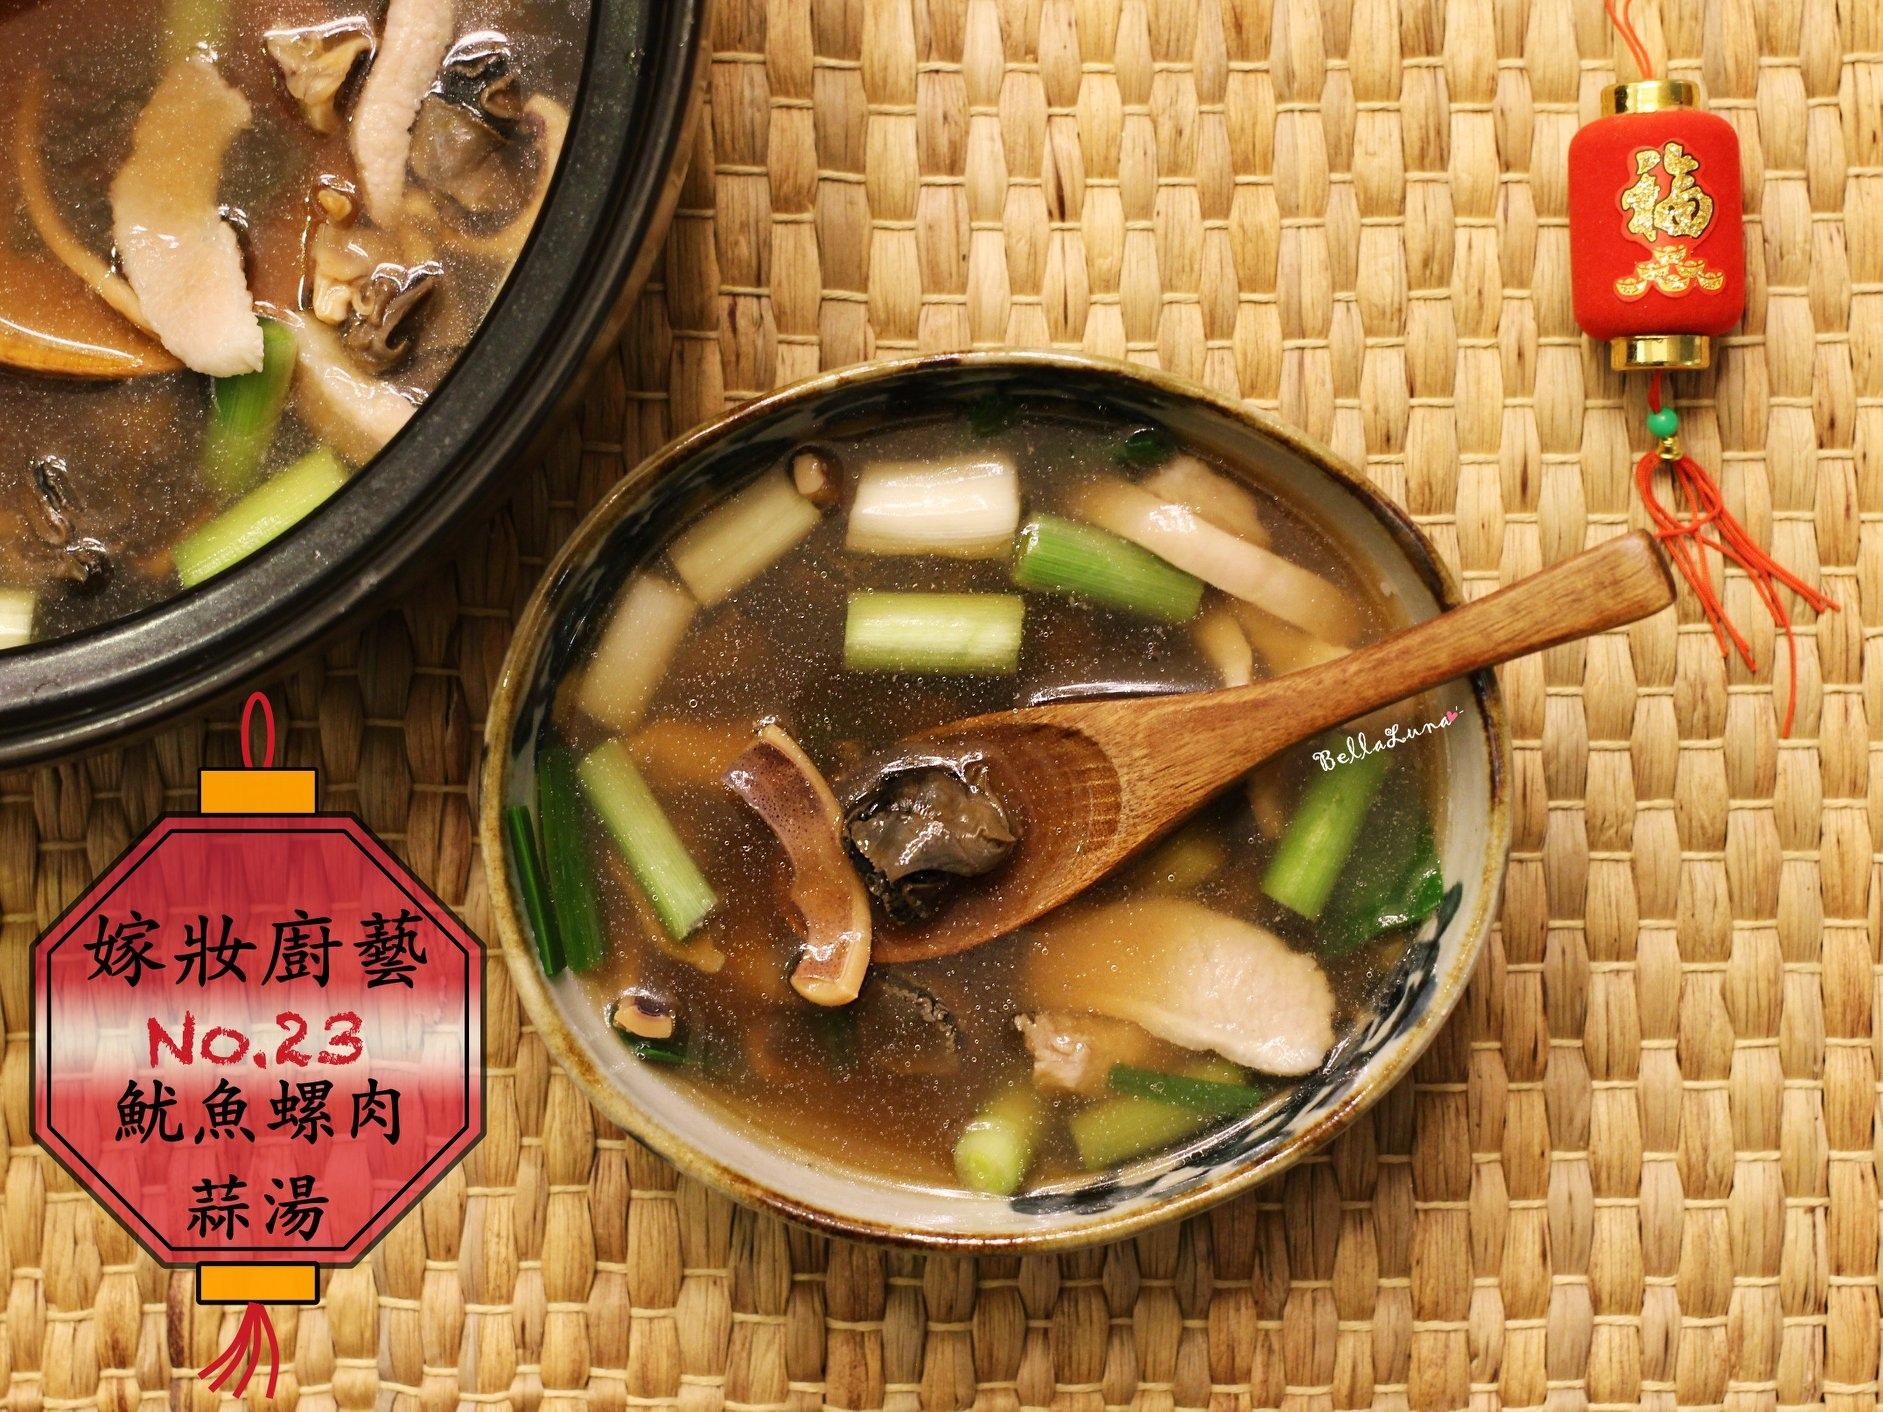 魷魚螺肉蒜湯 1.jpg